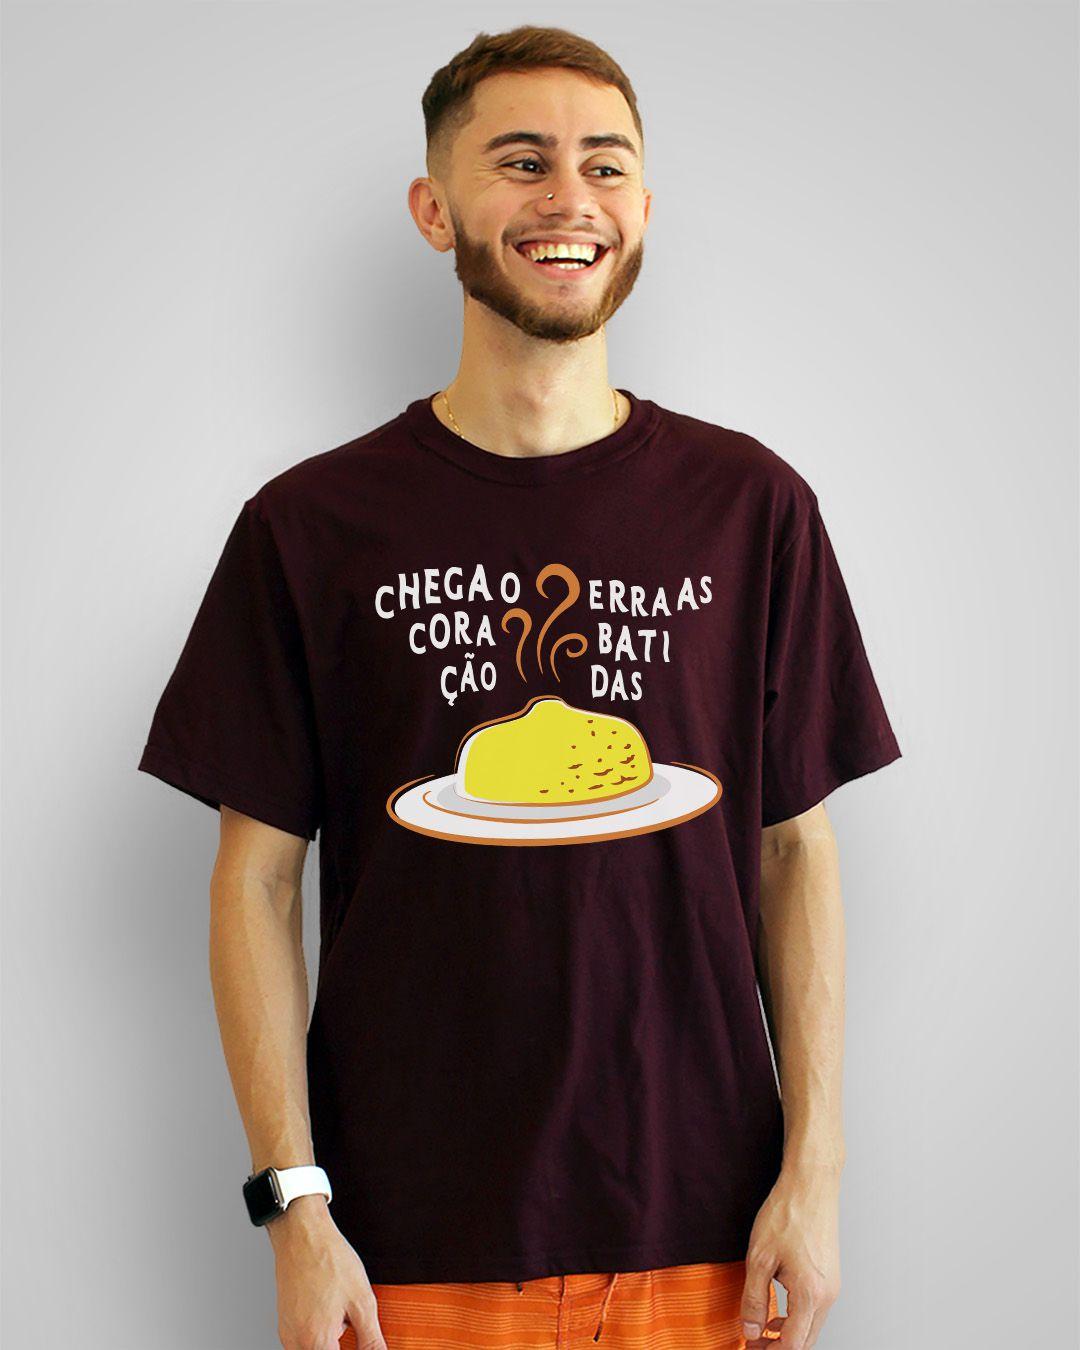 Camiseta Chega o coração erra as batidas - Cuscuz